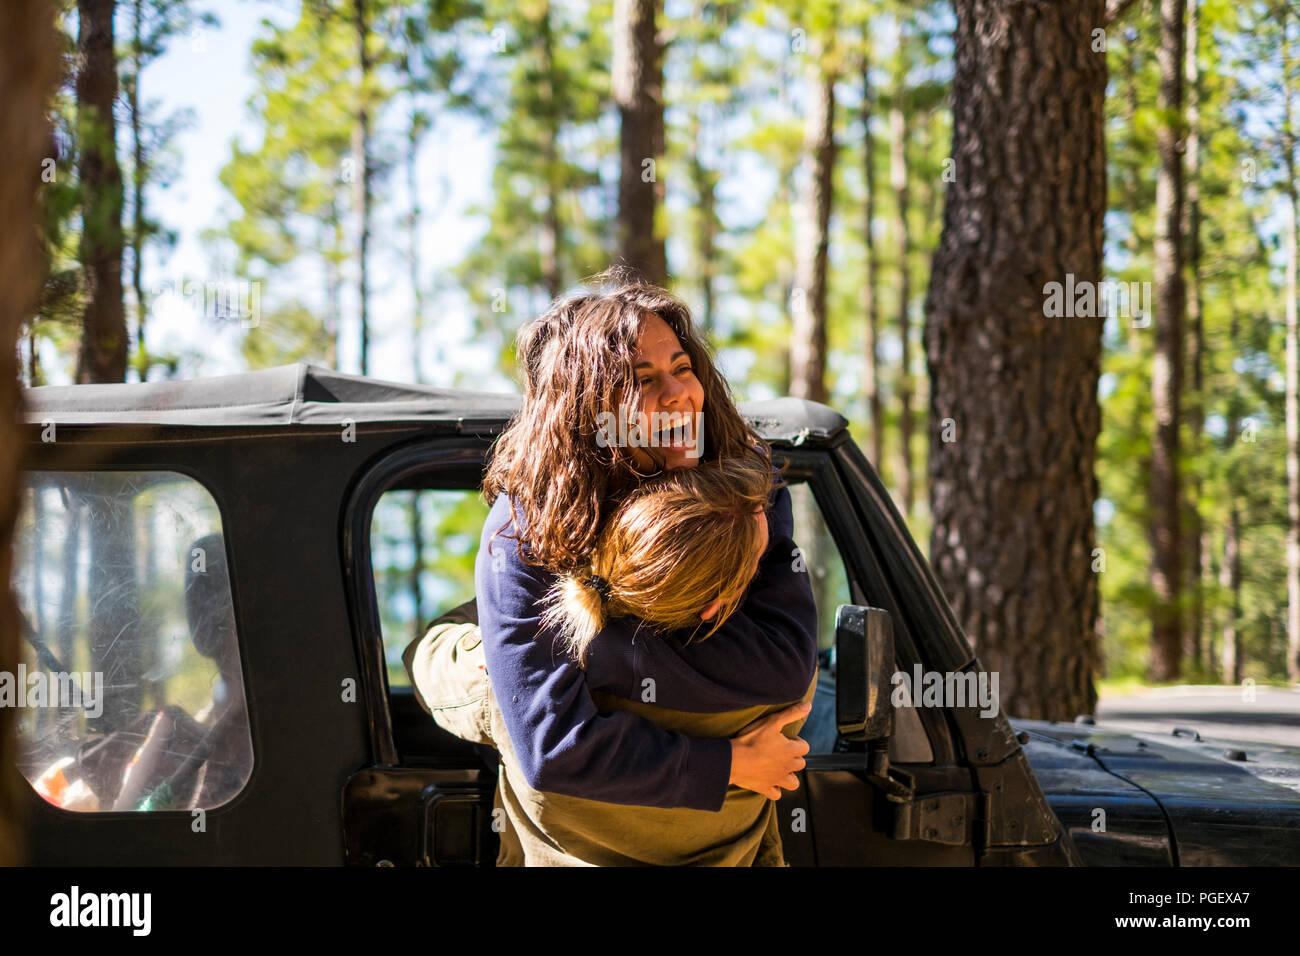 Glück während Outdoor Freizeitaktivitäten Aktivität für kaukasische junges Paar in Liebe und Freundschaft. die Frau Hug der Mann viel gelacht und genießen die lif Stockfoto